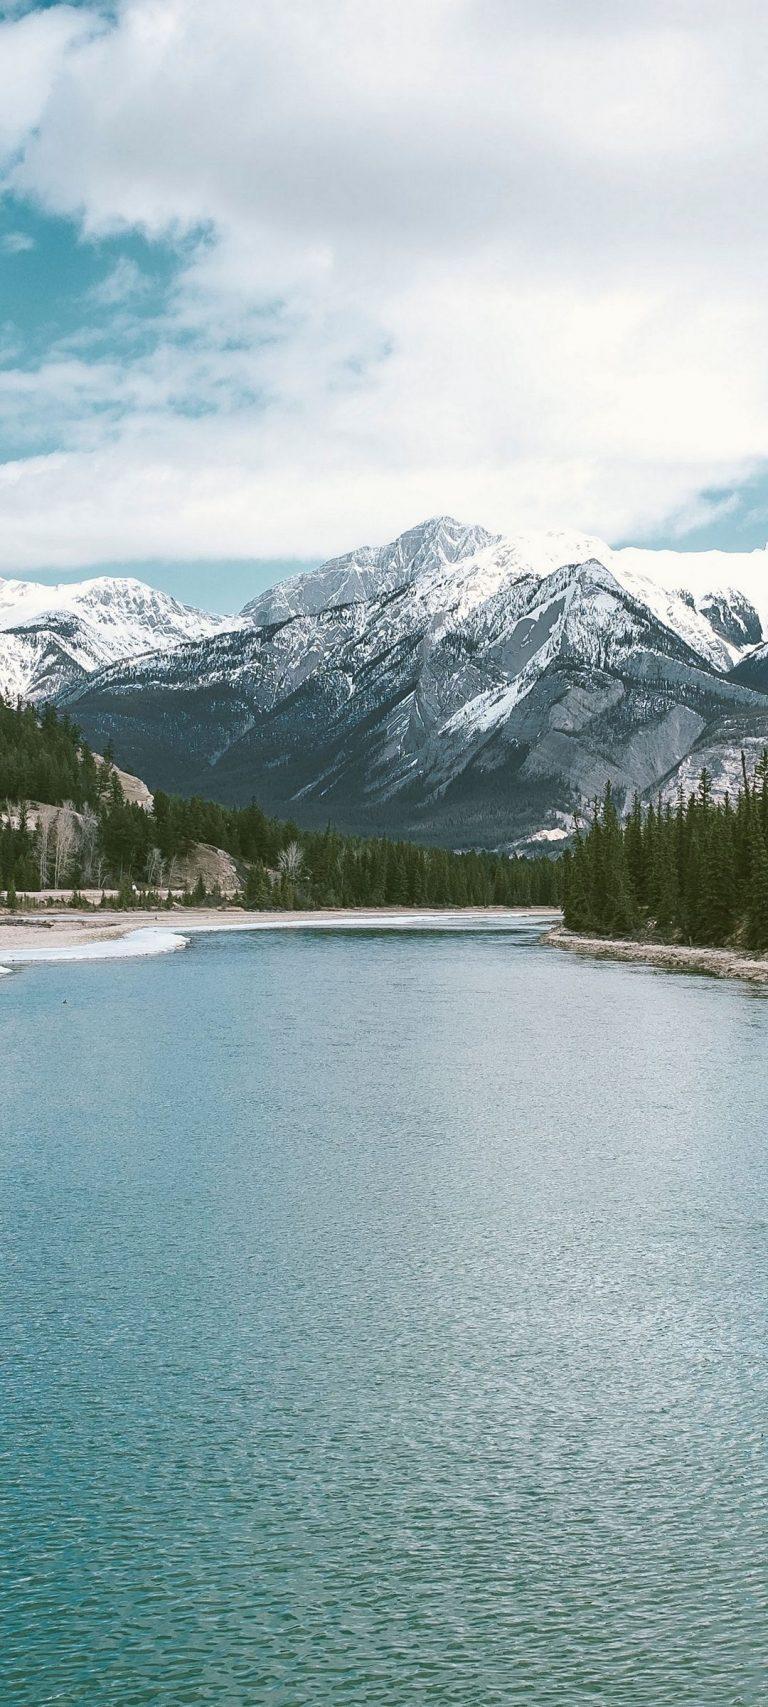 Lake Mountains Landscape 1080x2400 768x1707